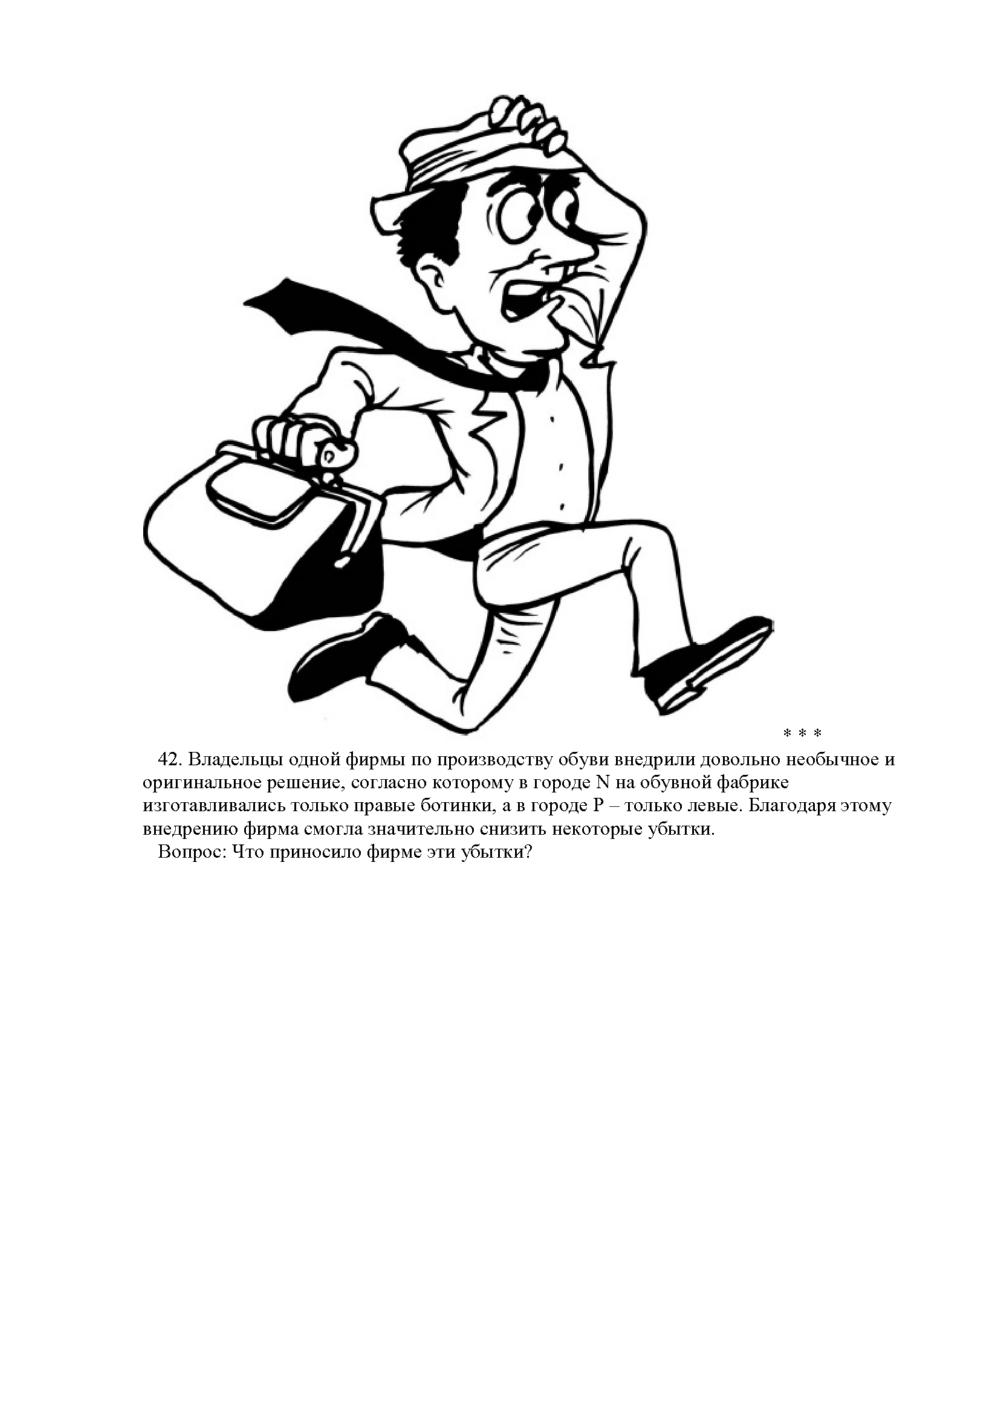 http://i1.imageban.ru/out/2013/12/16/94b9b95882525586cf186acdacc047bd.jpg